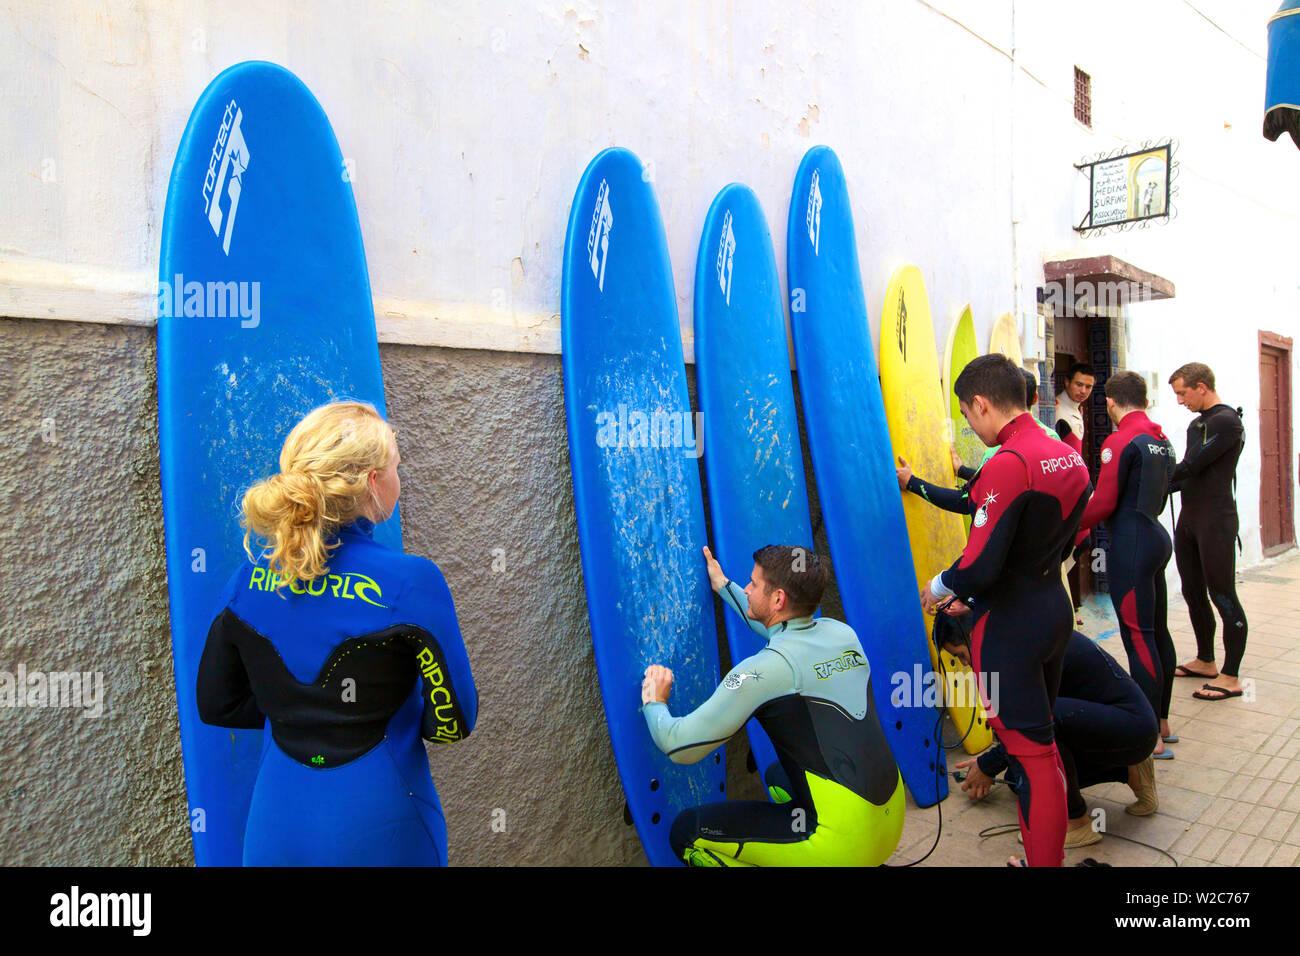 Morocco Surf Banque d'image et photos - Alamy